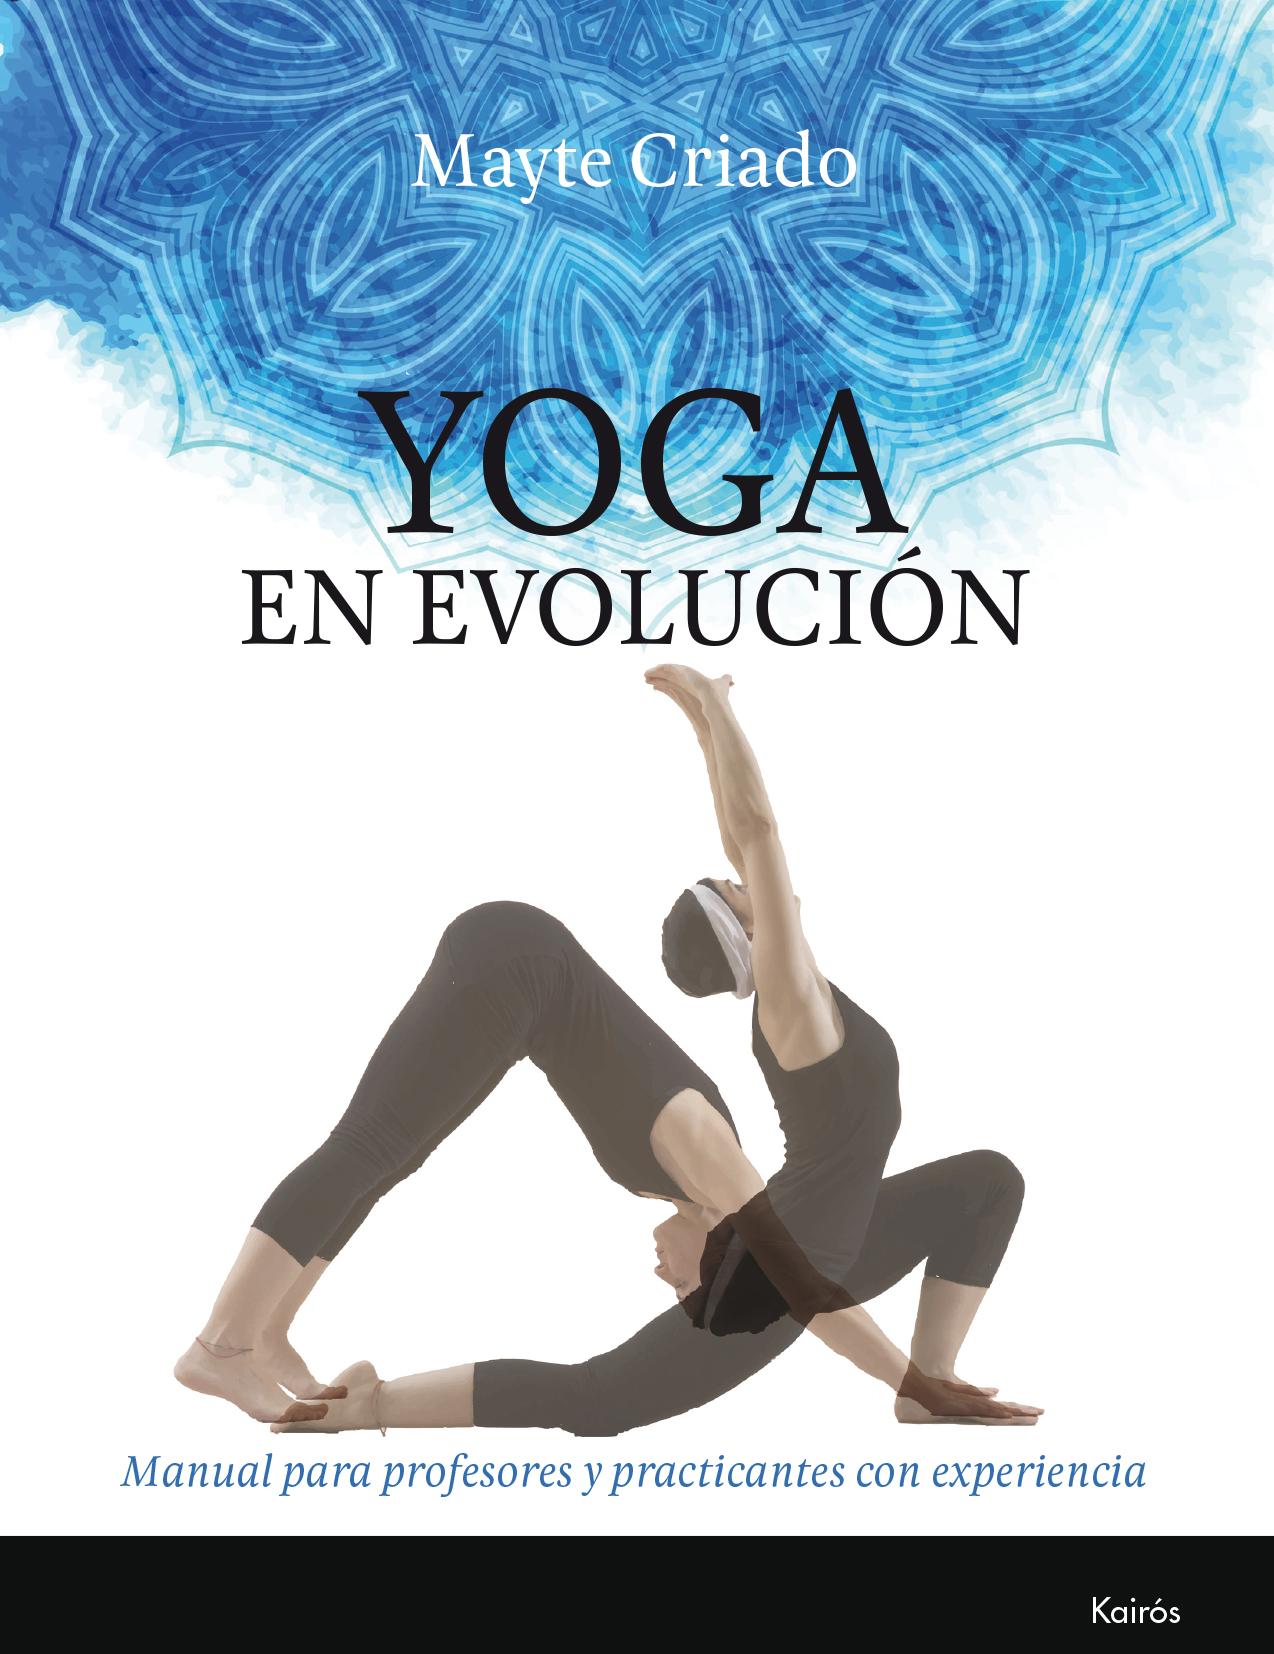 Yoga en Evolucion.jpg